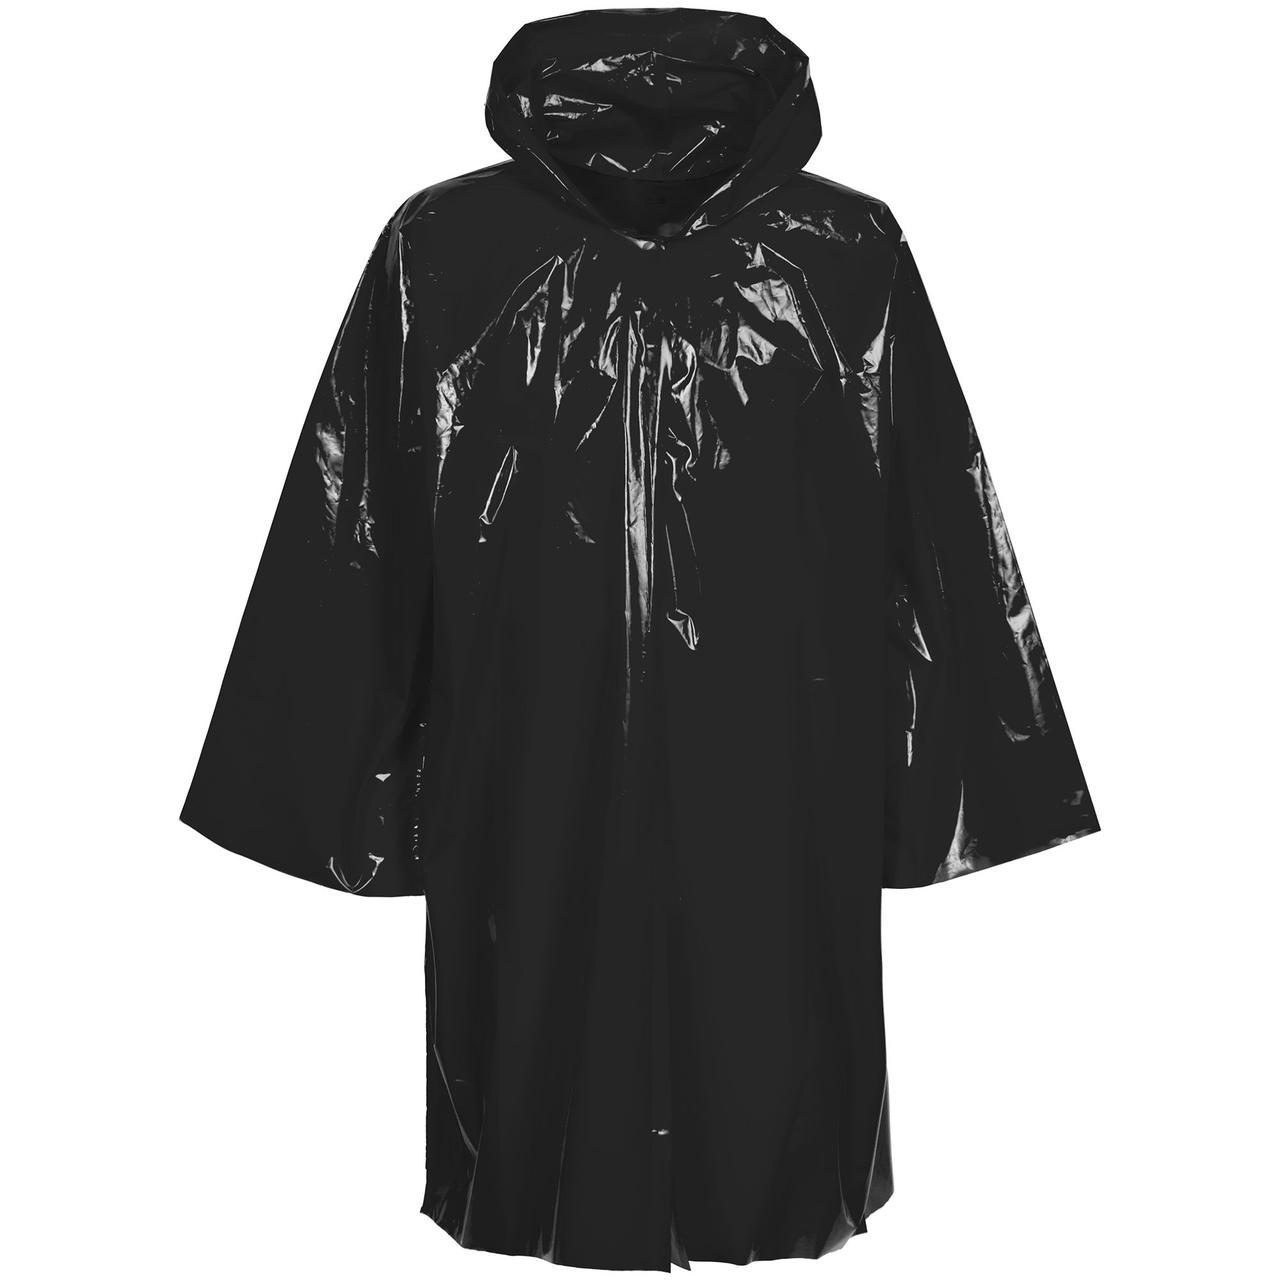 Дождевик-плащ CloudTime, черный (артикул 11876.30)